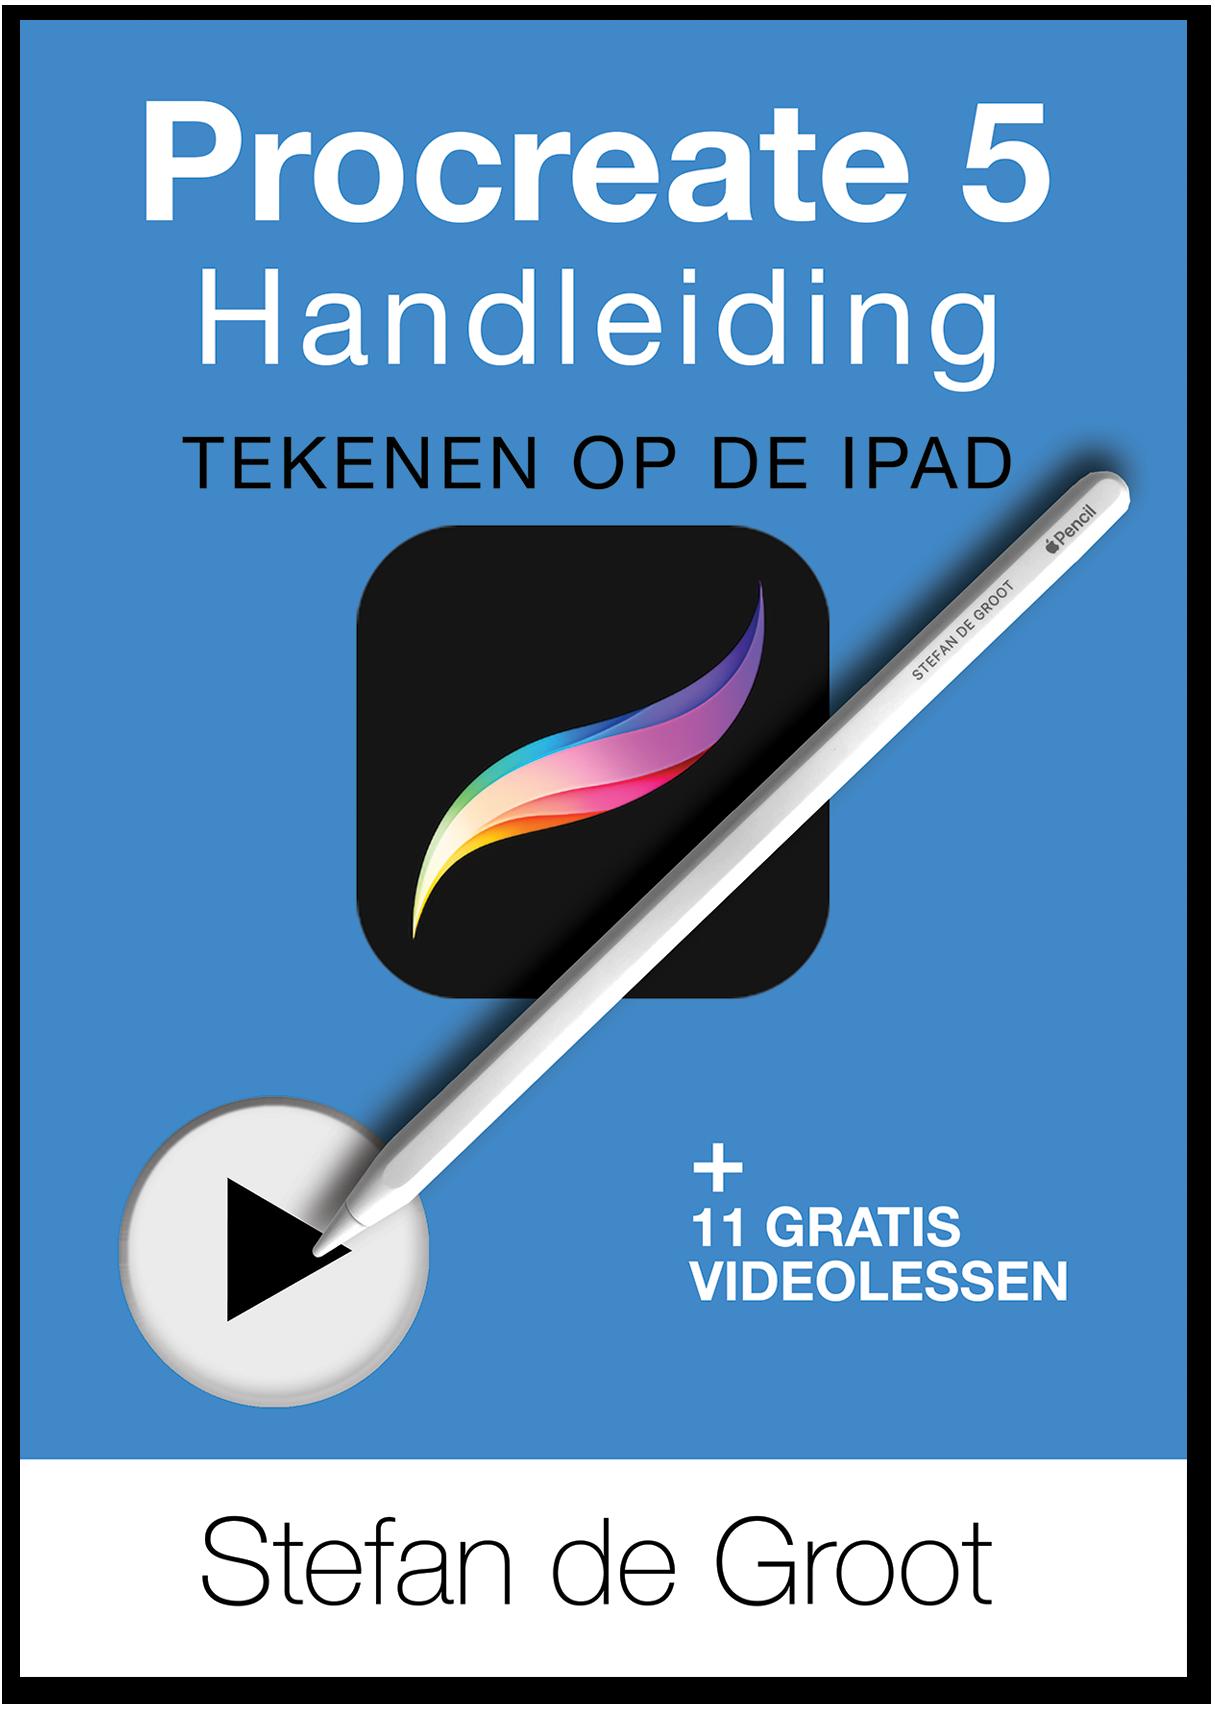 Procreate 5 Handleiding - tekenen op de iPad